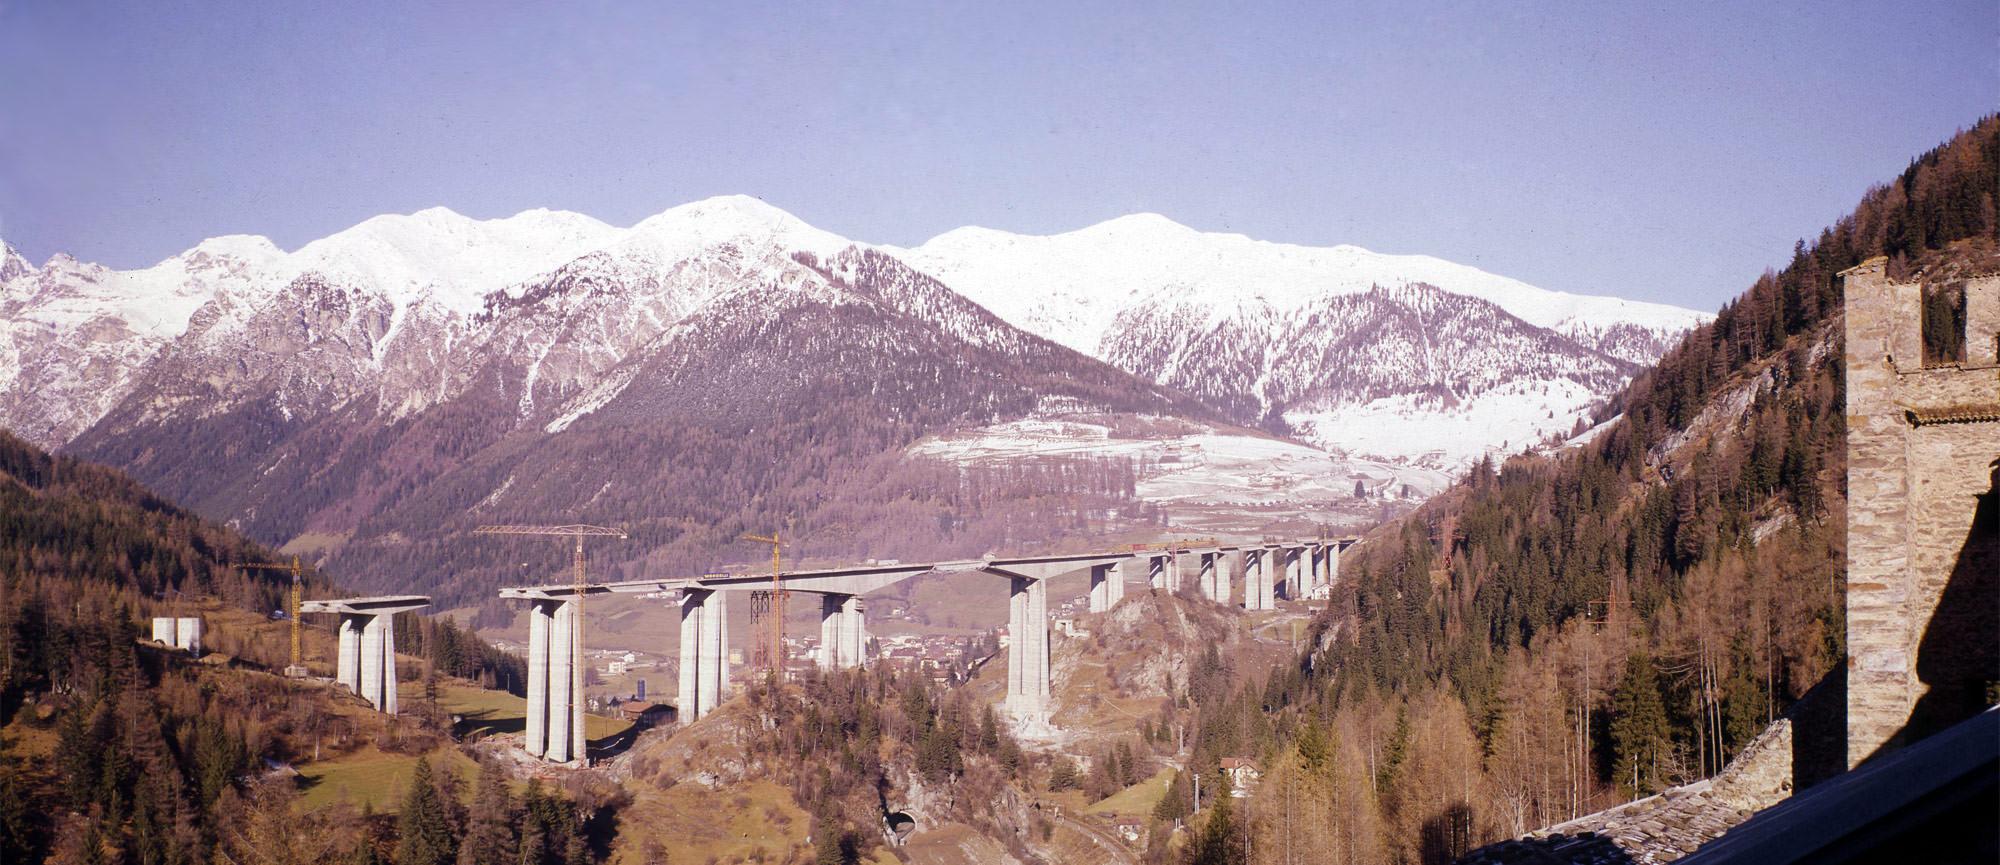 Vista panoramica del viadotto di Colle Isarco